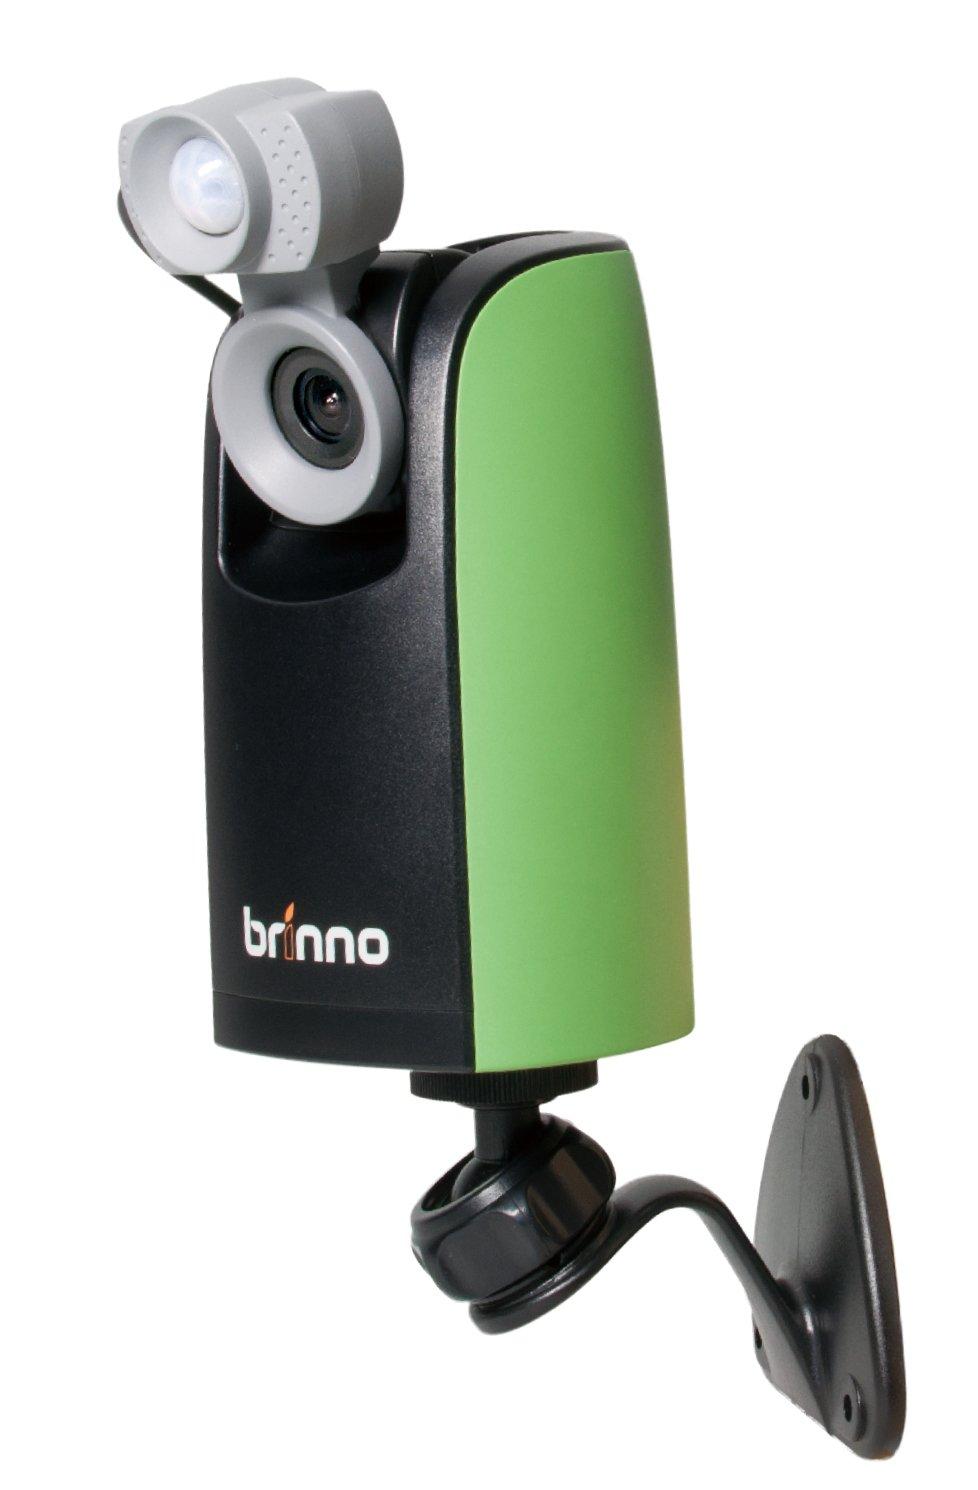 Brinno BMC100 cámara de lapso de tiempo - cámaras de lapso de tiempo (1280 x 720 Pixeles, 1280 x 720 (HD 720), 640 x 480 (VGA), AVI, ASAP, personalizado, ...